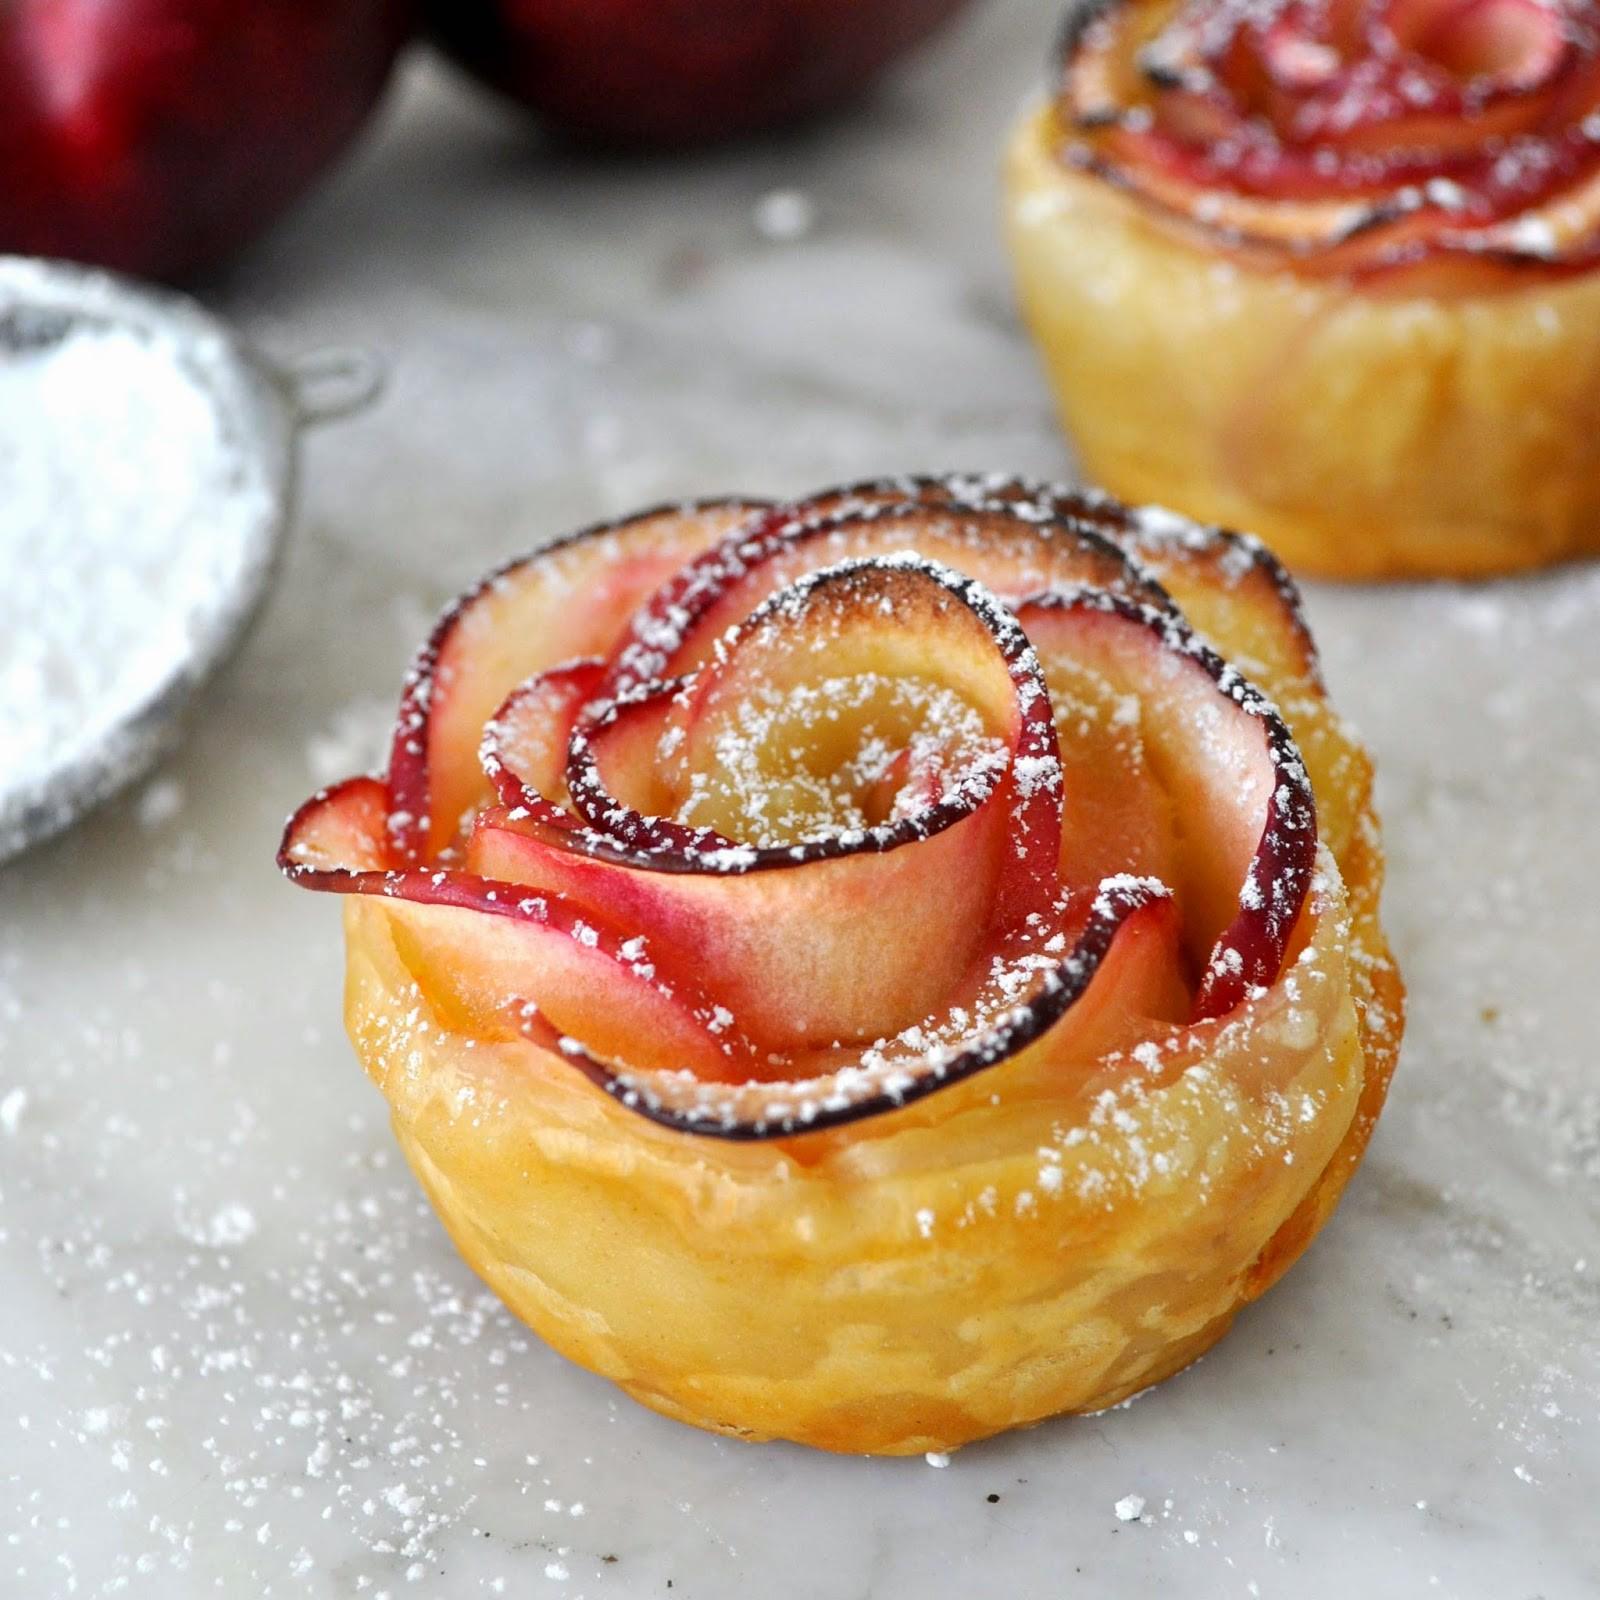 самый сложный десерты из яблок рецепты с фото подготовила